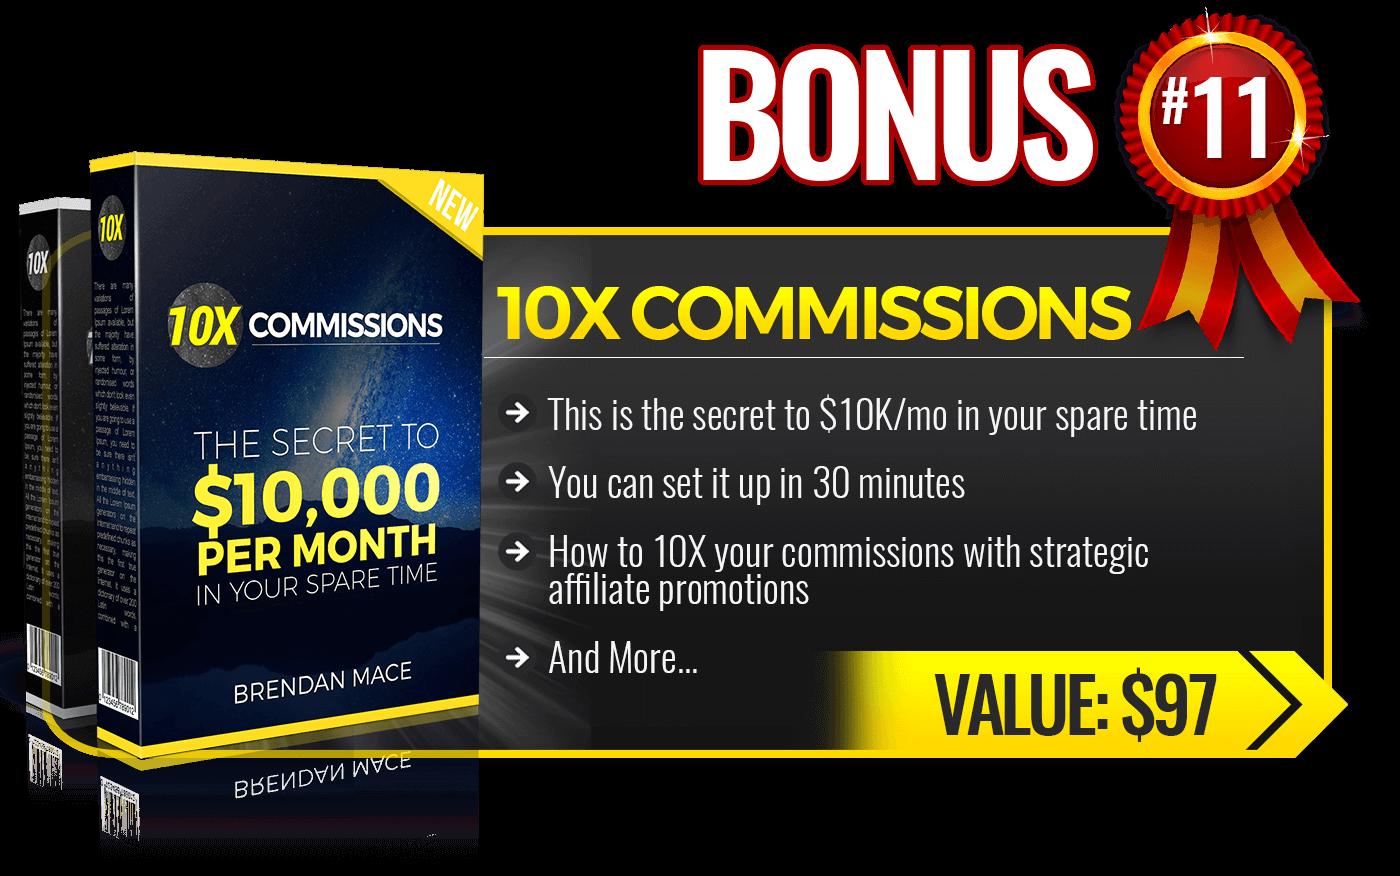 11. 10X Commission